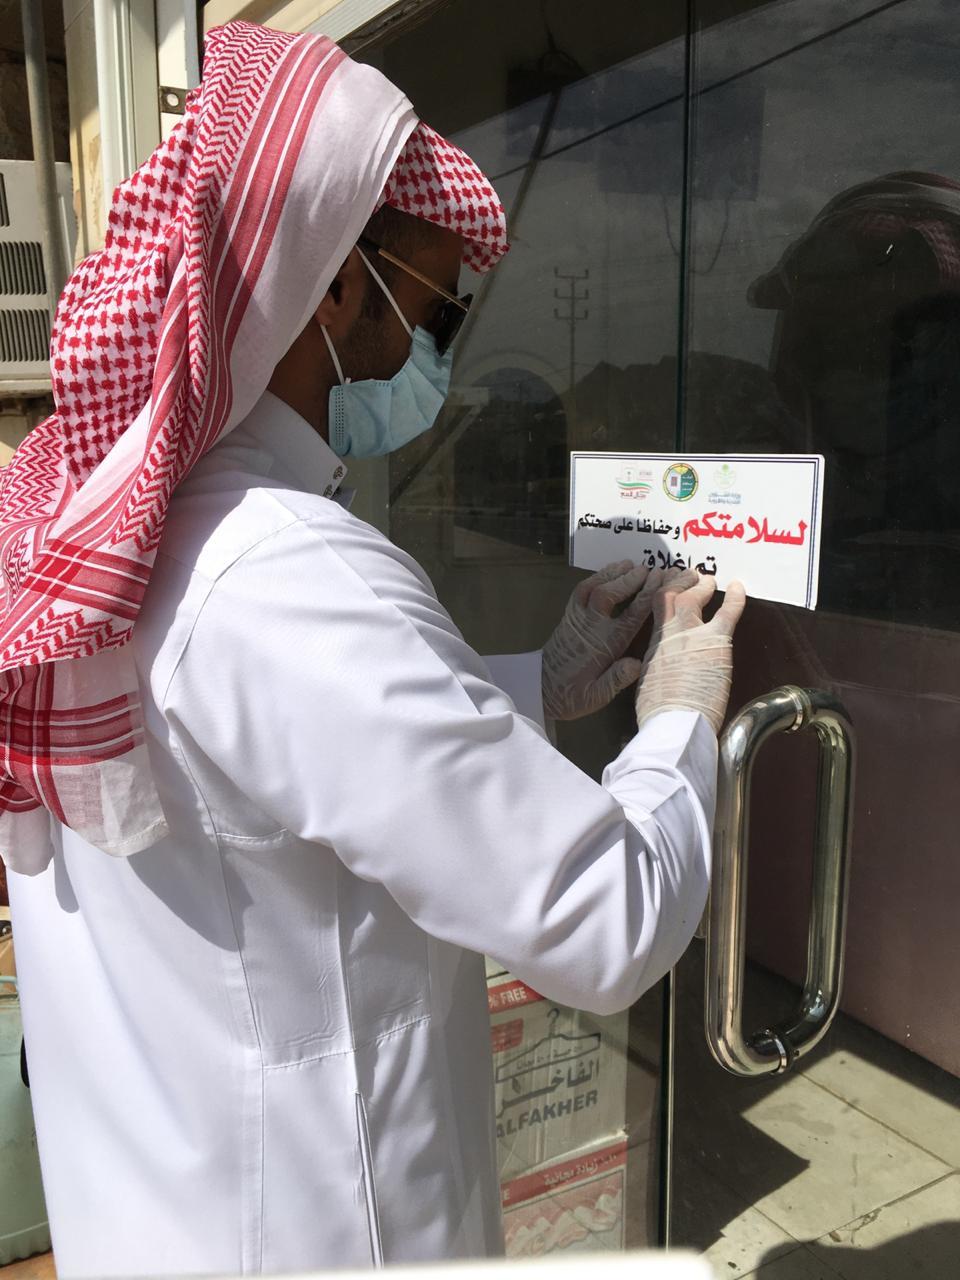 ضبط 22 مخالفة وإغلاق 5 محلات برجال ألمع - المواطن